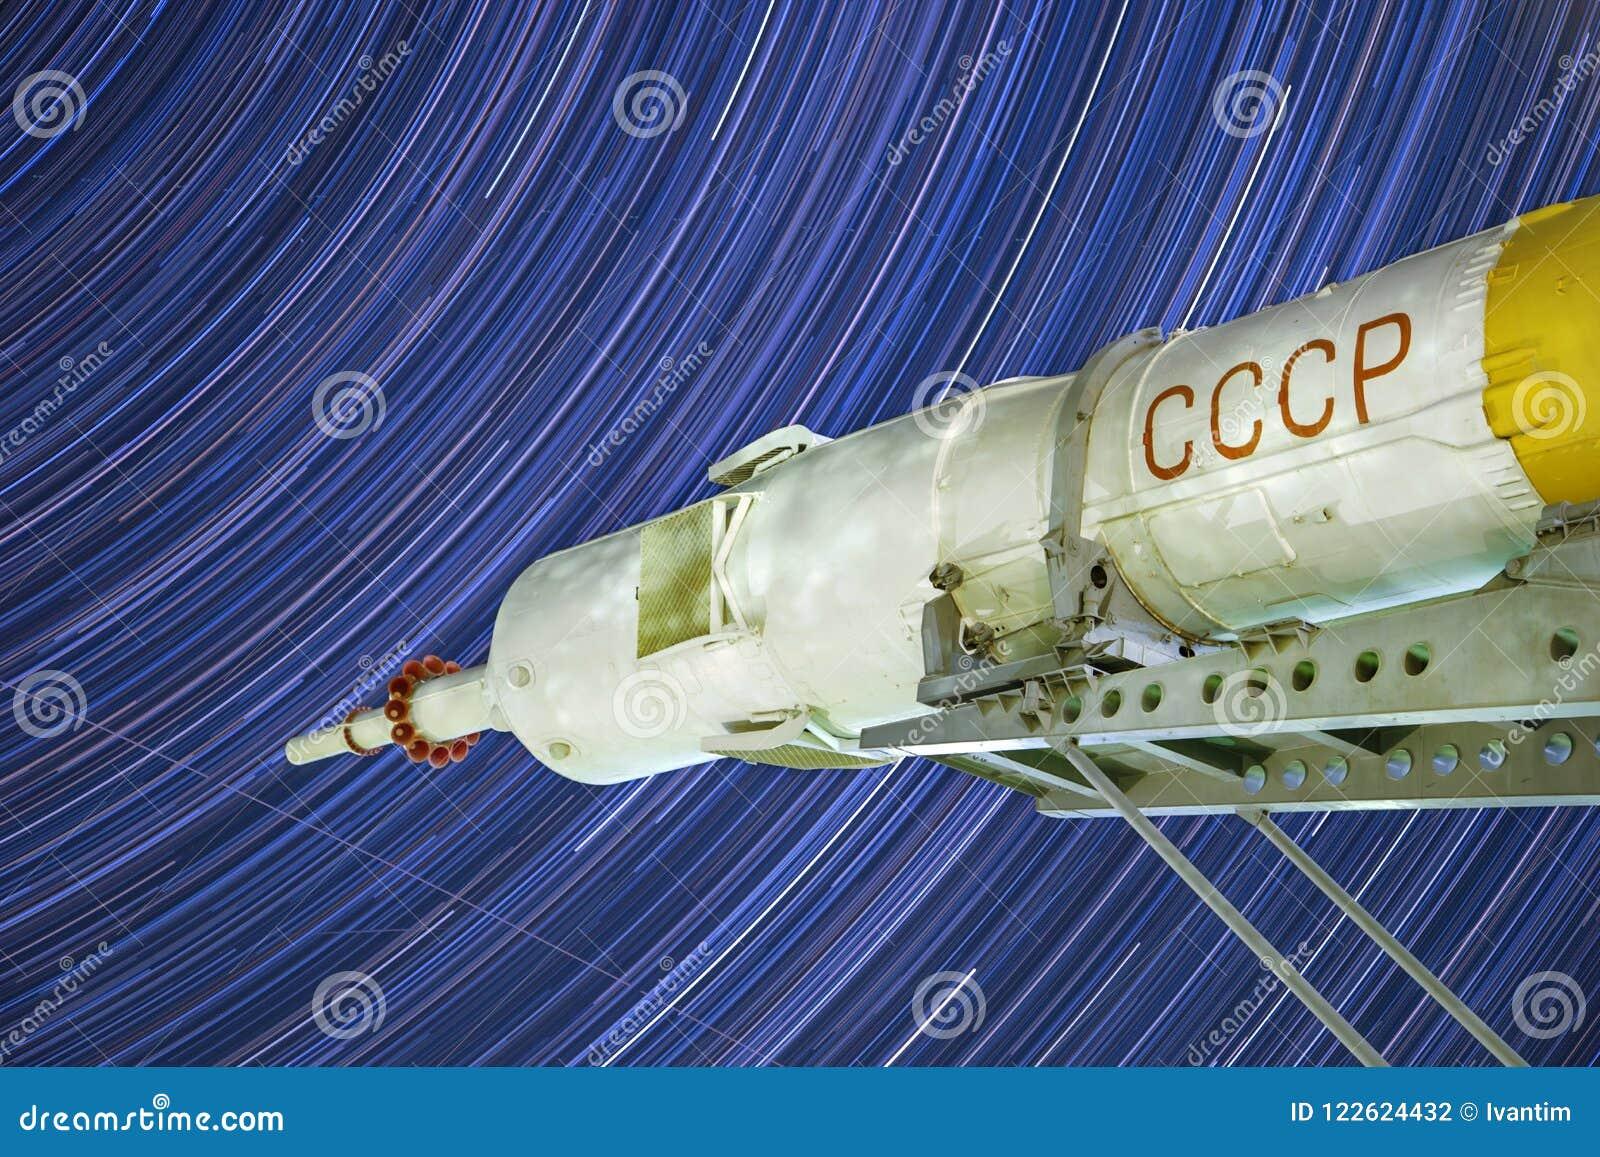 Monument to the Soyuz rocket. Third stage. Manned spacecraft. Startrails background.